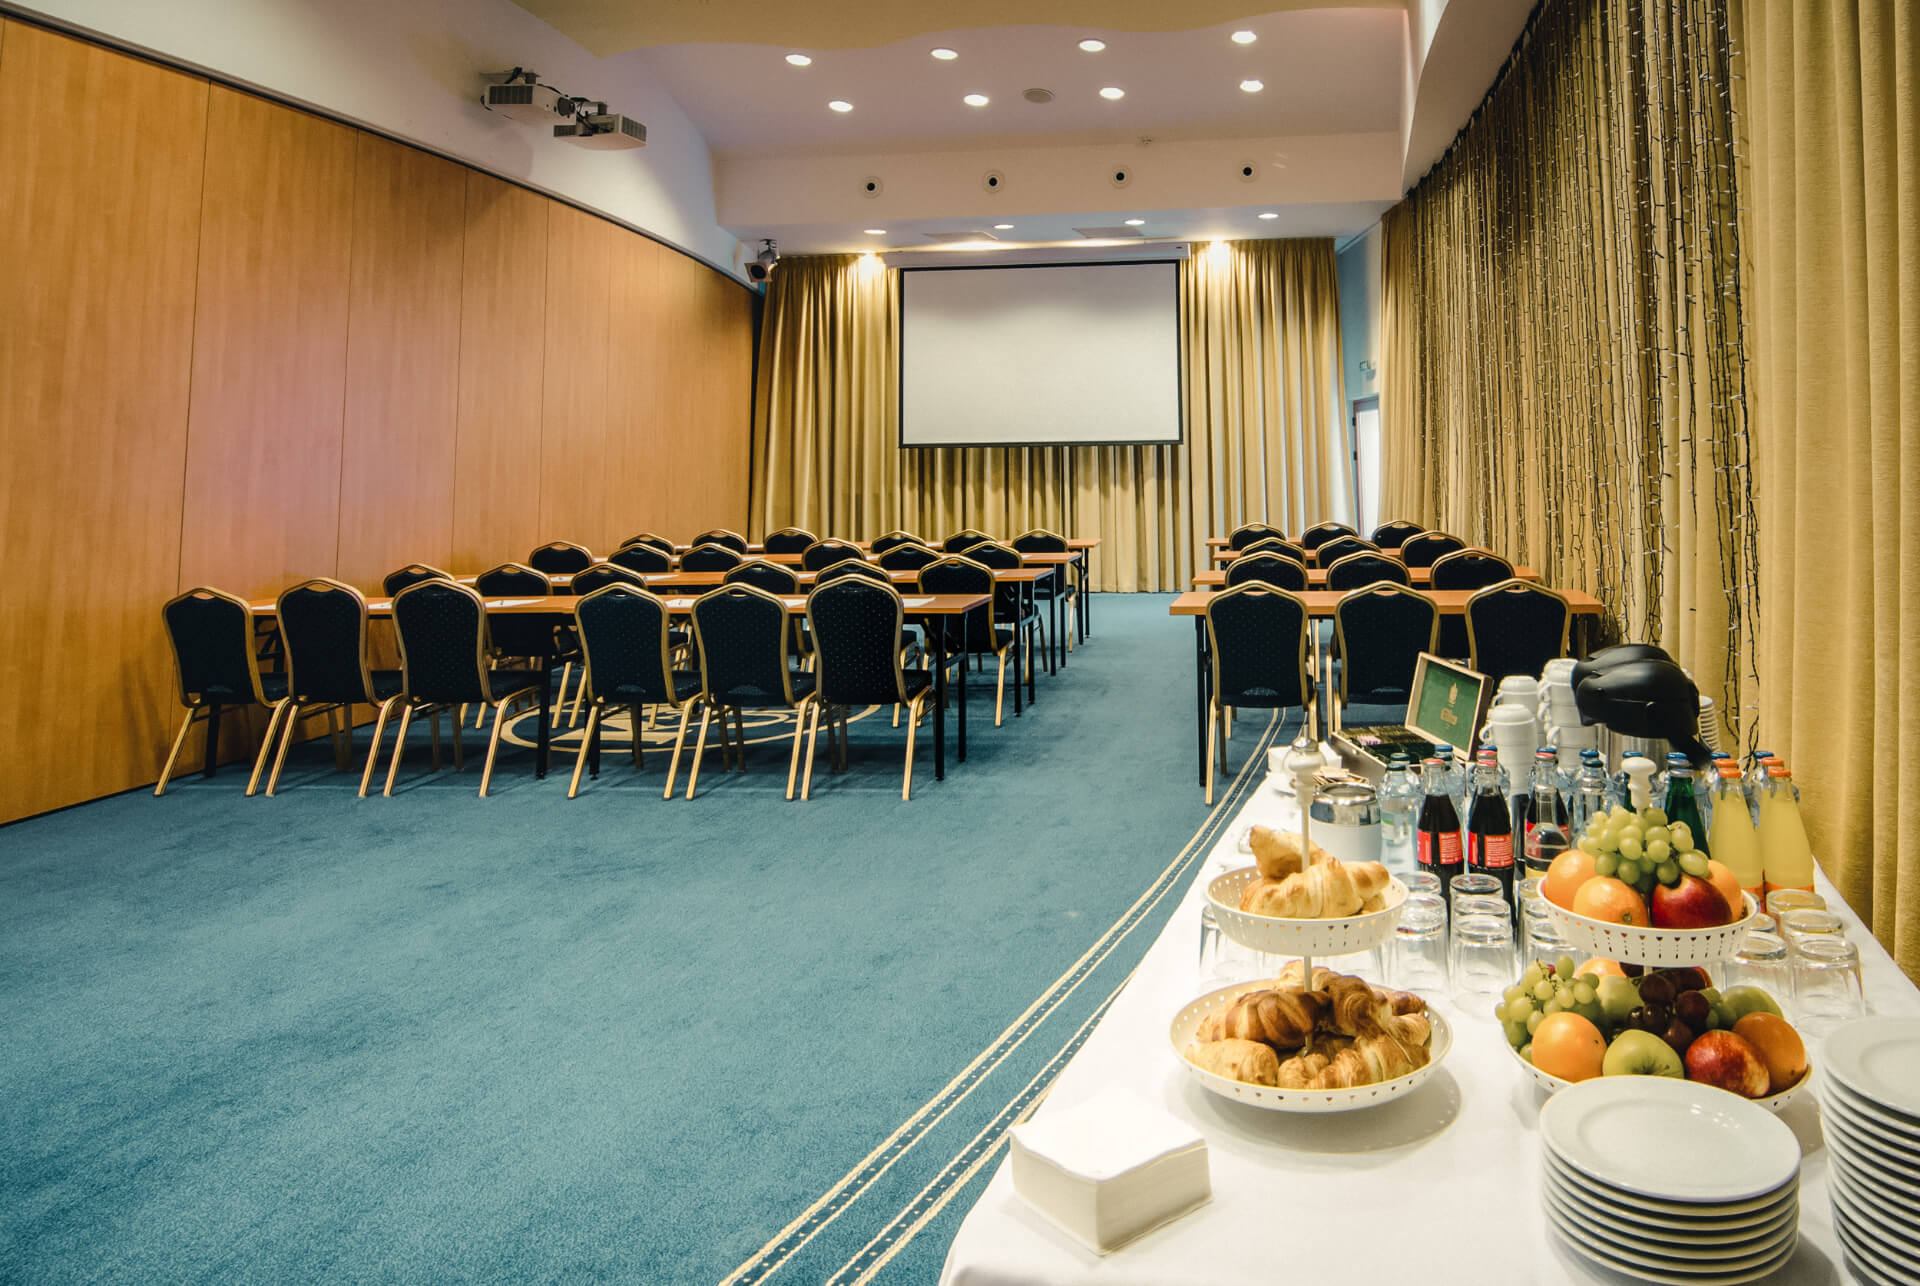 Atena Kaskady - konferenčná, kongresová miestnosť na prenájom pre eventy